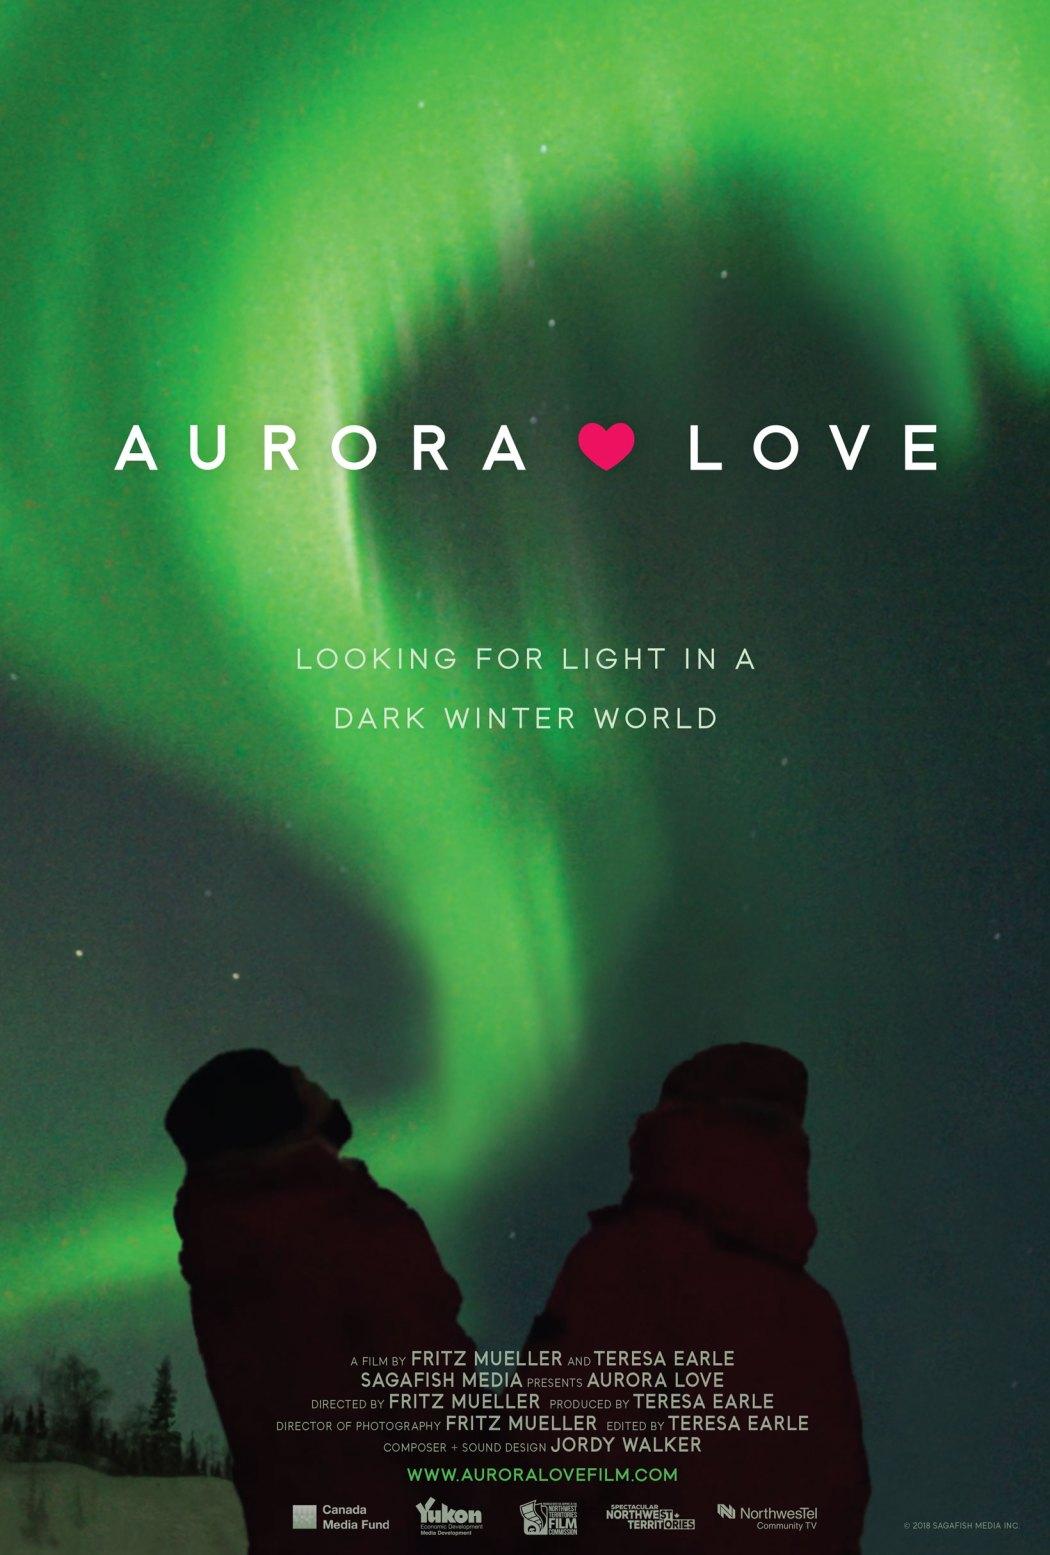 050-003 - Aurora Love_POSTER_02_1640px